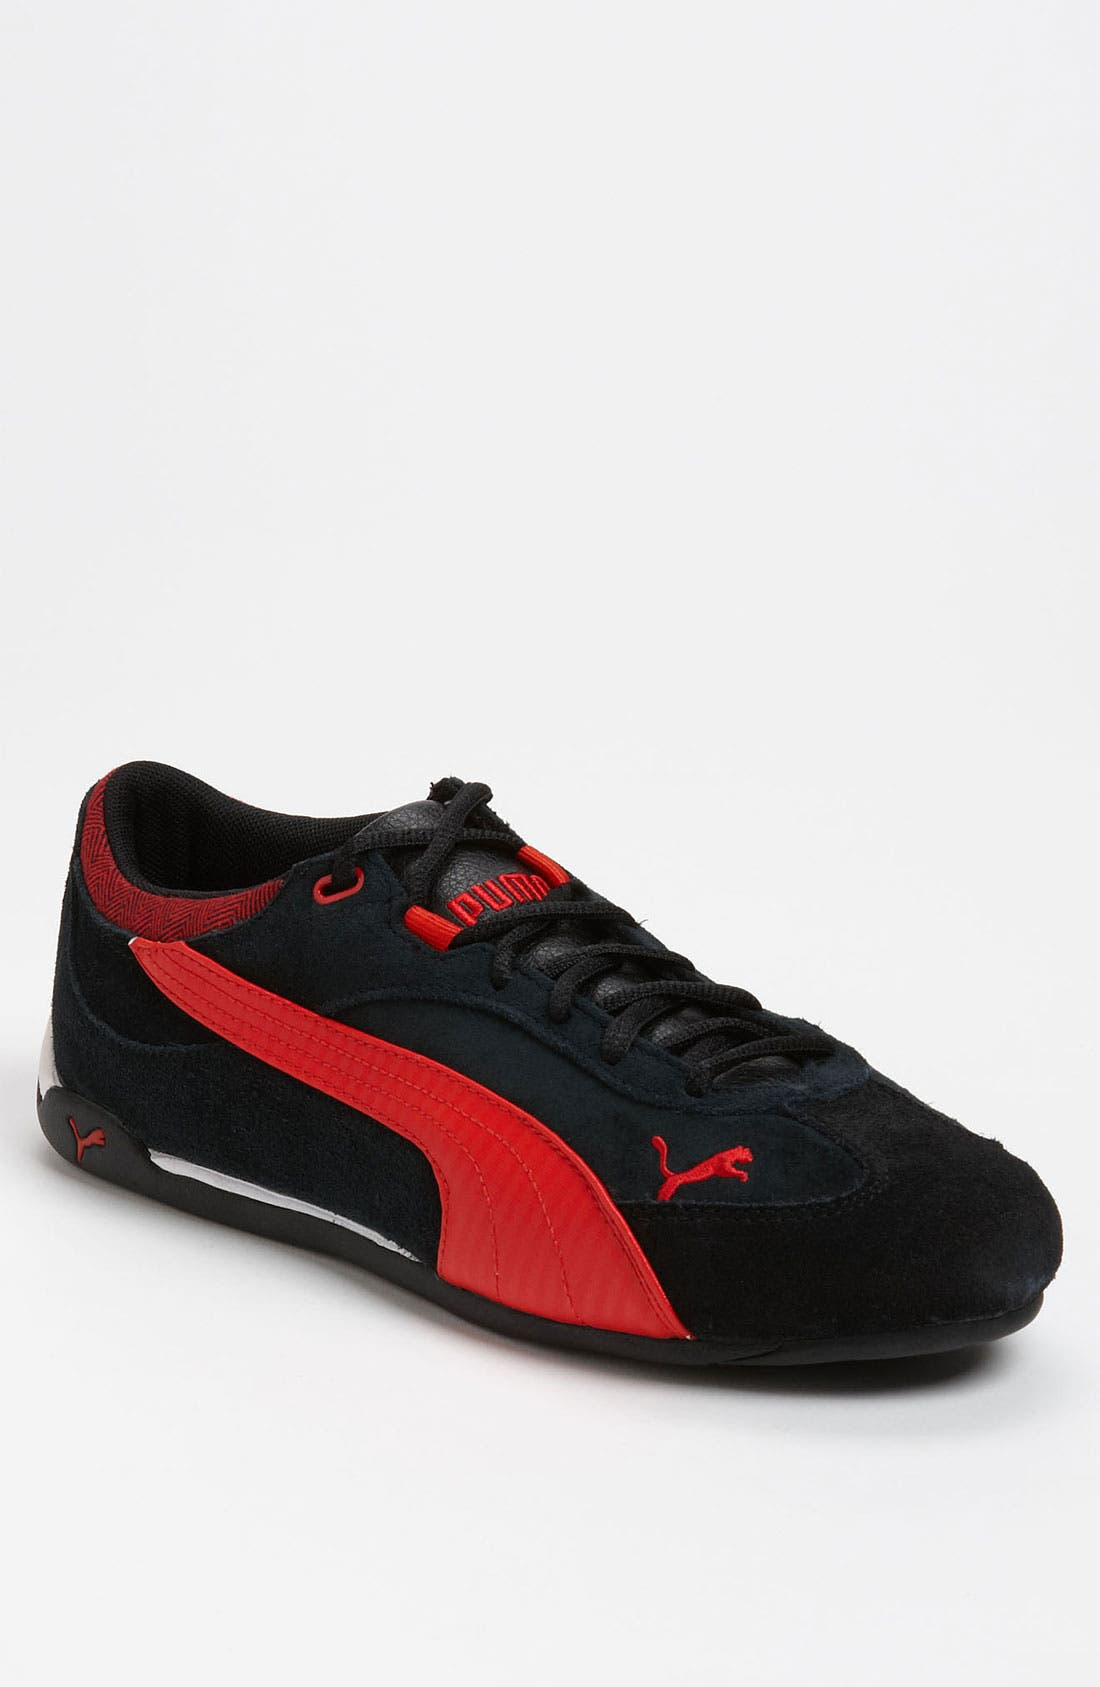 Alternate Image 1 Selected - PUMA 'Fast Cat' Sneaker (Men)